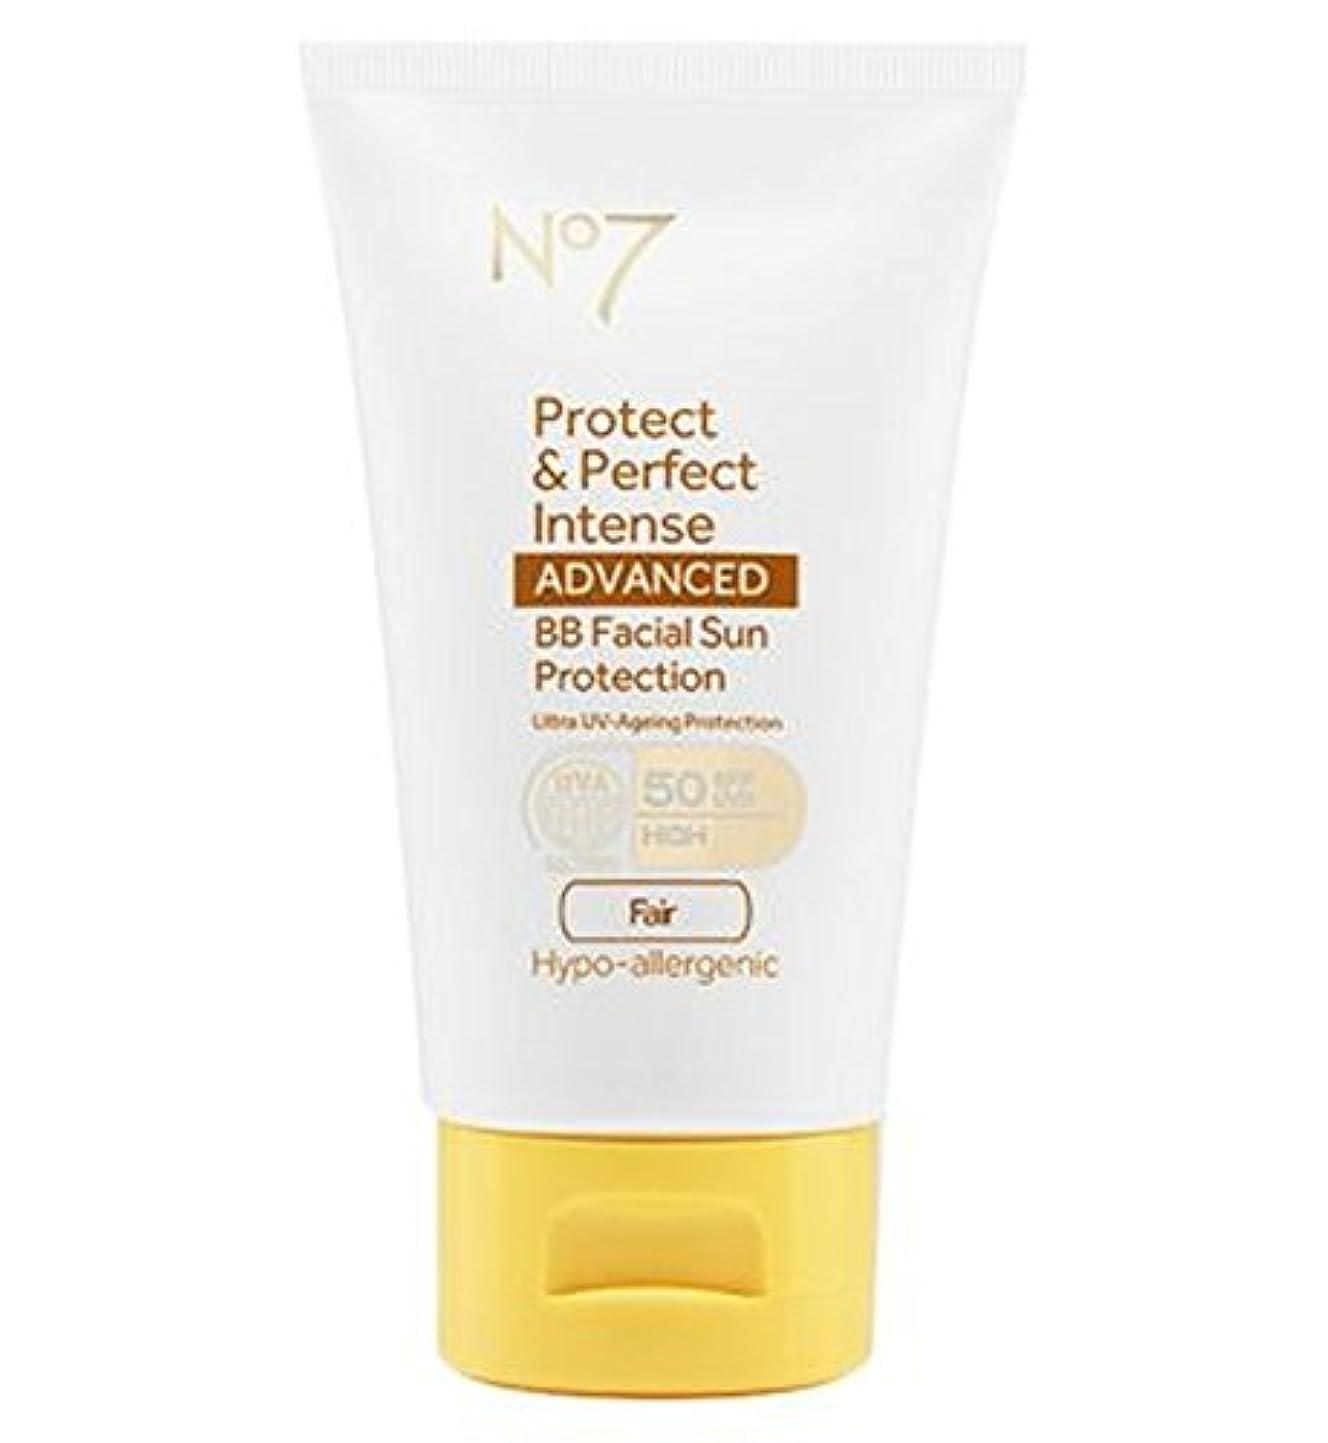 経過信じられない礼拝No7保護&完璧な強烈な先進Bb顔の日焼け防止Spf50フェア50ミリリットル (No7) (x2) - No7 Protect & Perfect Intense ADVANCED BB Facial Sun Protection...